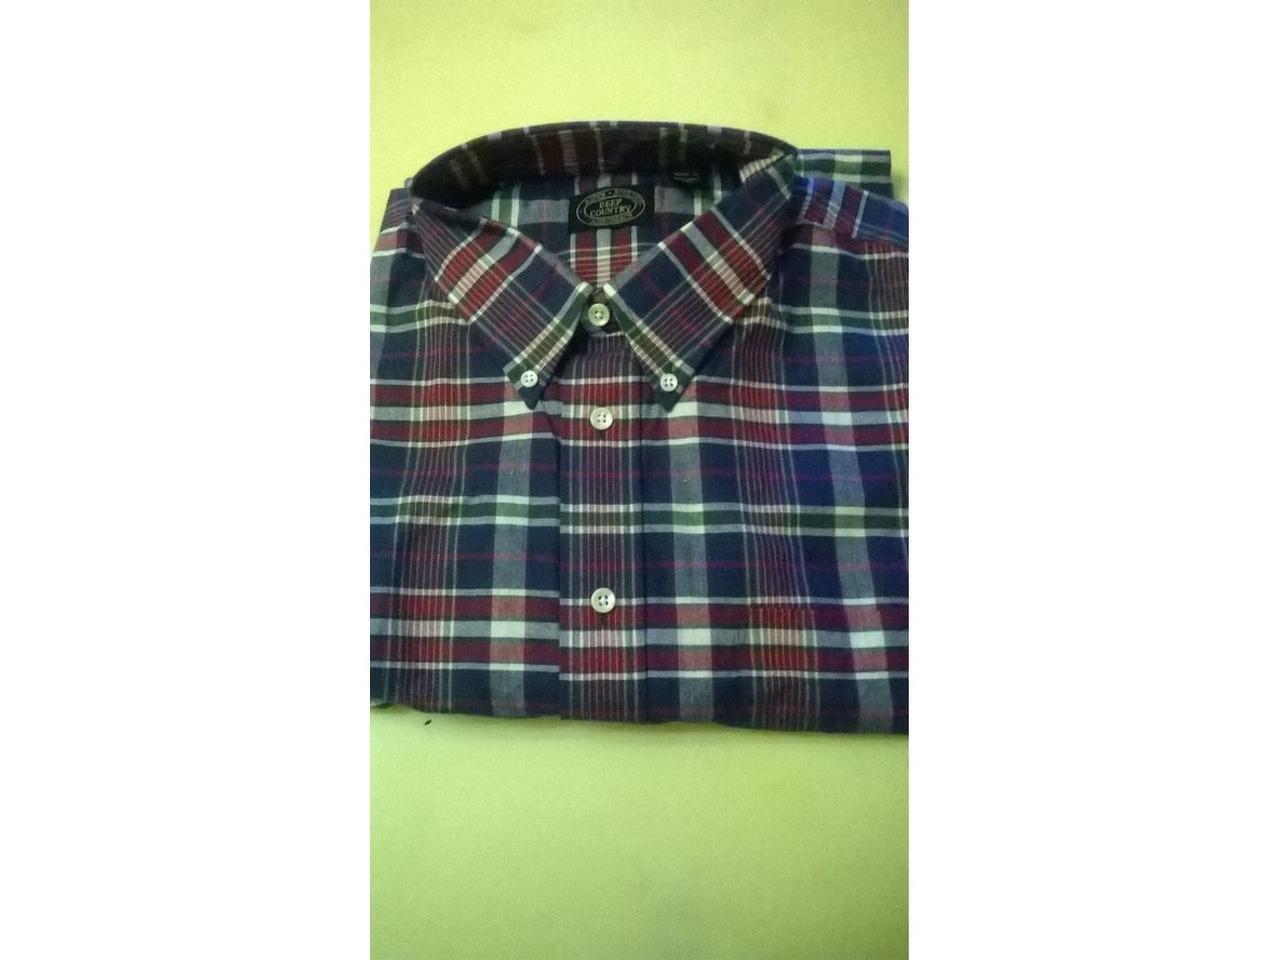 Camisas Califa, Barred's, G.Fellini, A.Milano, etc - 5/7